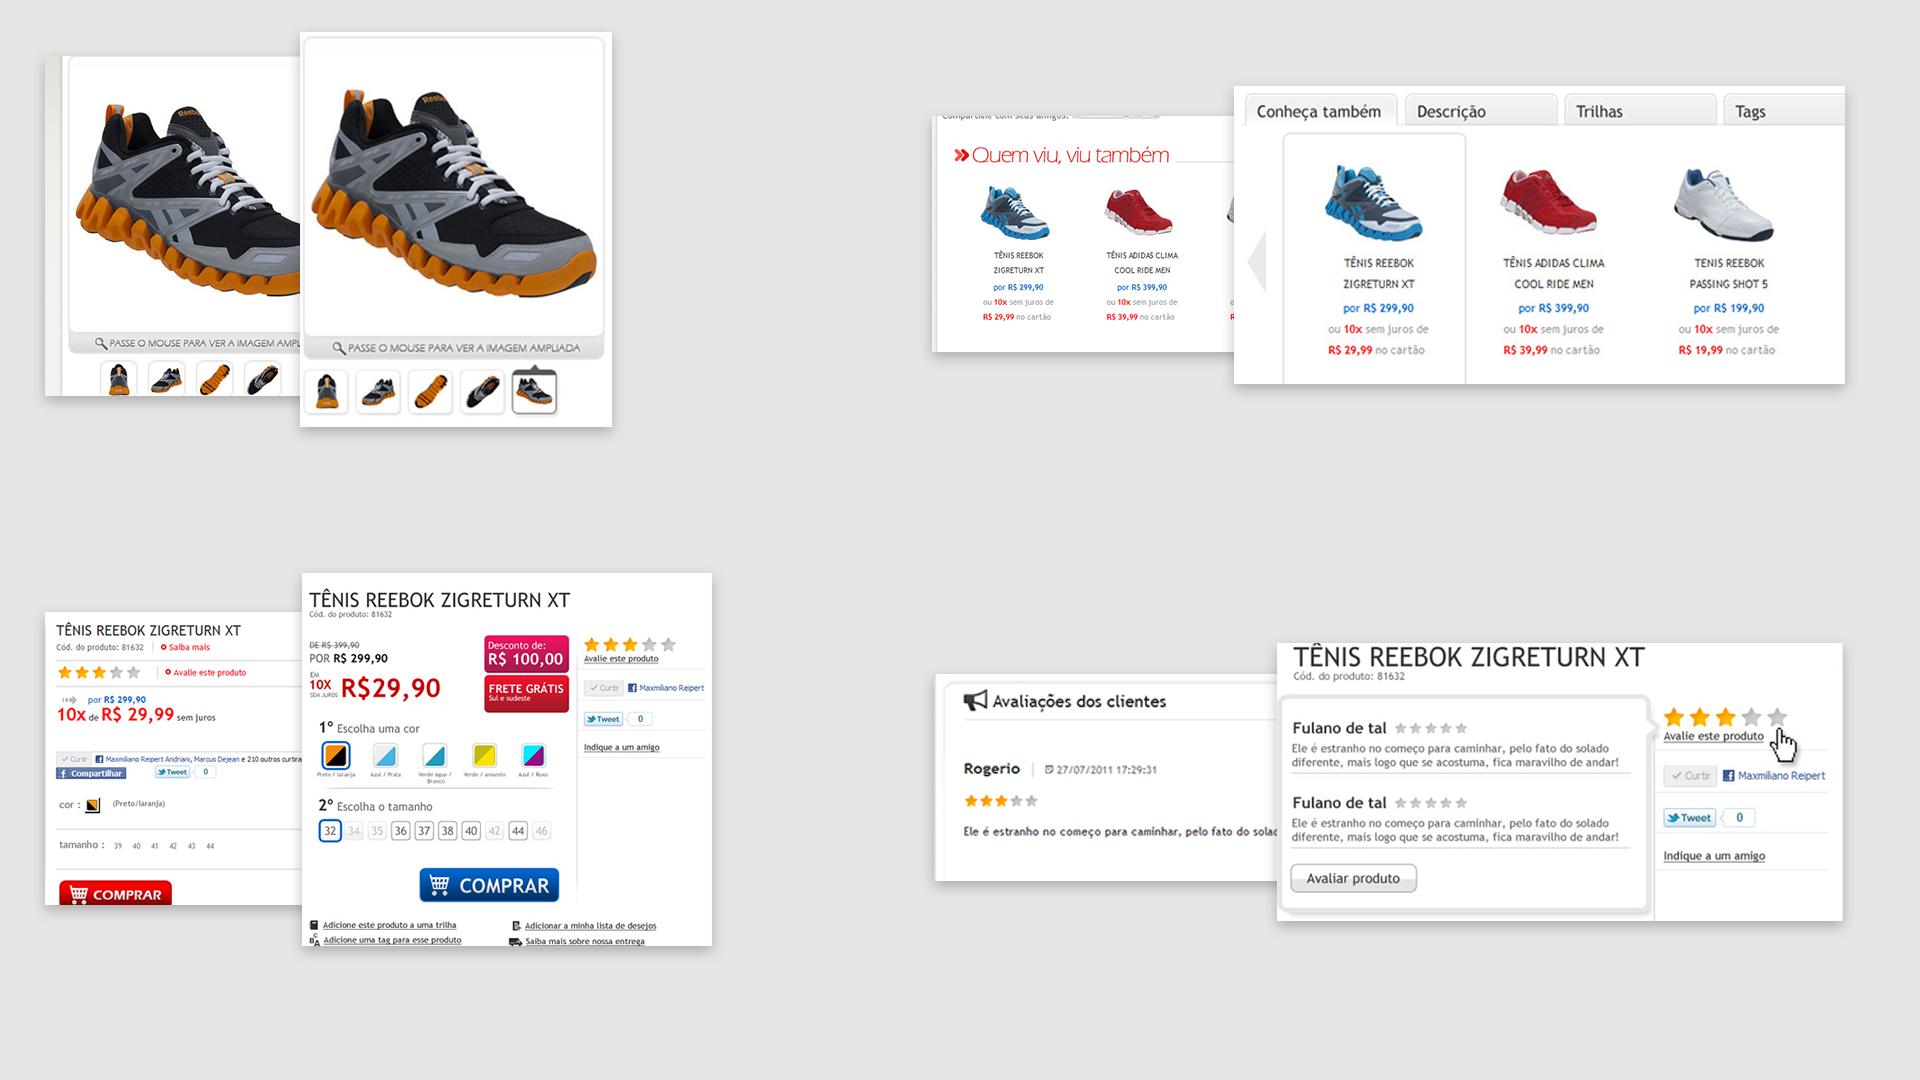 Shop Masp: Comparação Antes vs Depois